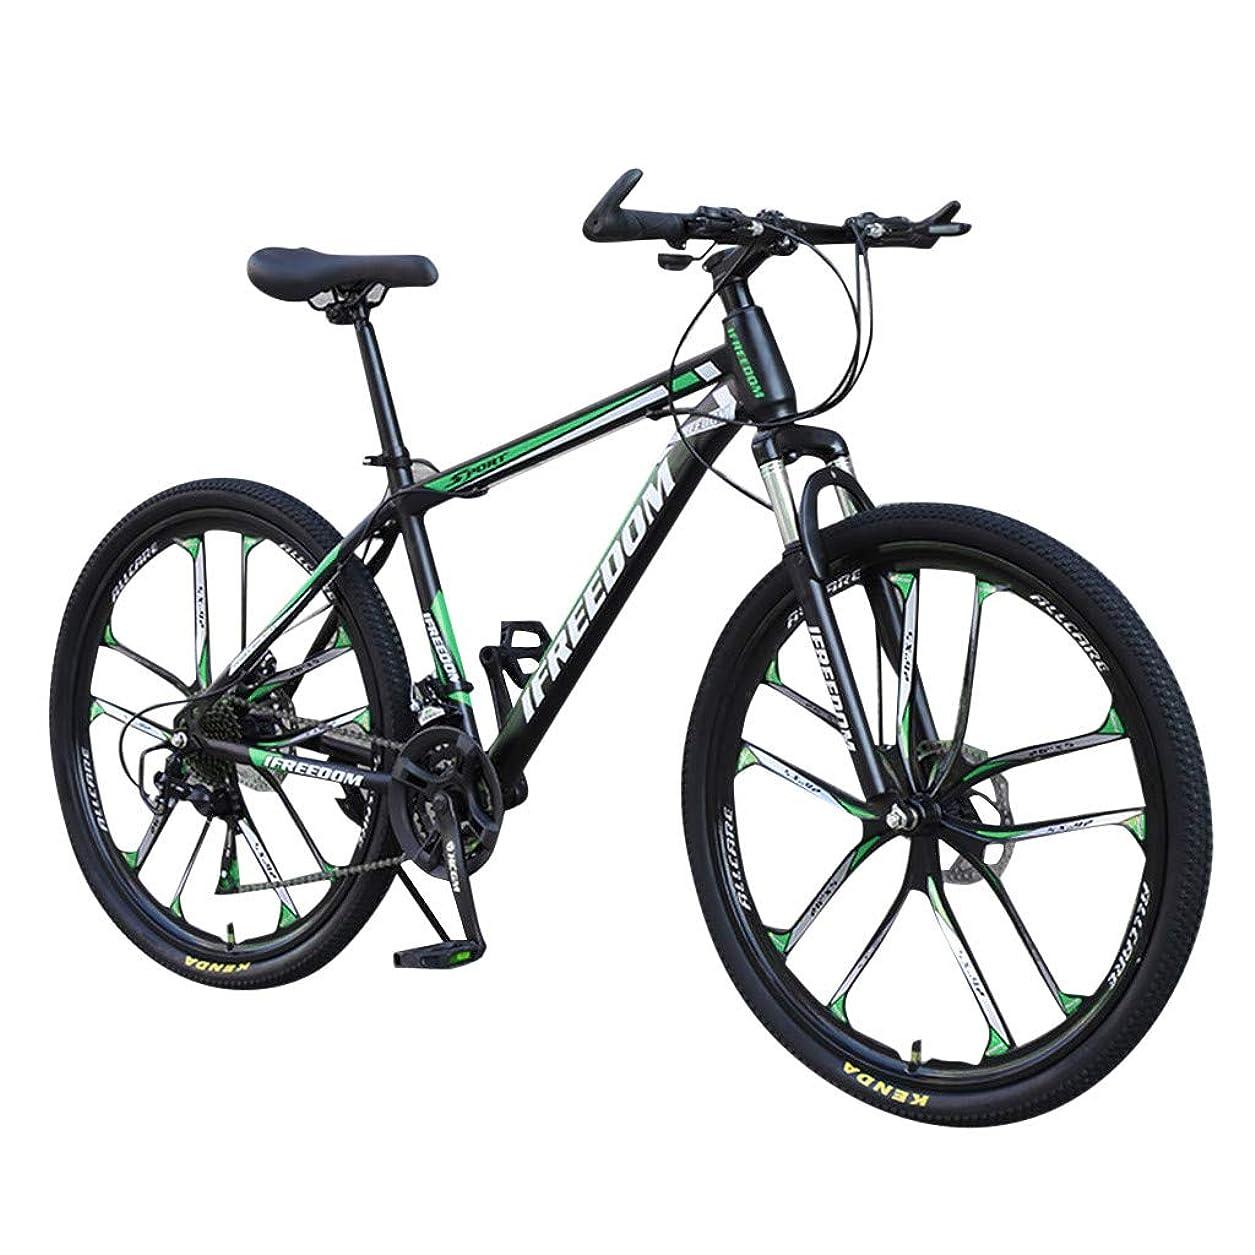 別の絞るコテージマウンテンバイク 男性用 女性用 26インチ 炭素鋼 自転車 スポーツ サイクリング 6スポーク 21スピード デュアルディスク ブレーキ 高引張強度スチールフレーム ATA 位置決めなしタワーホイール ブルー レッド グリーン ホワイト